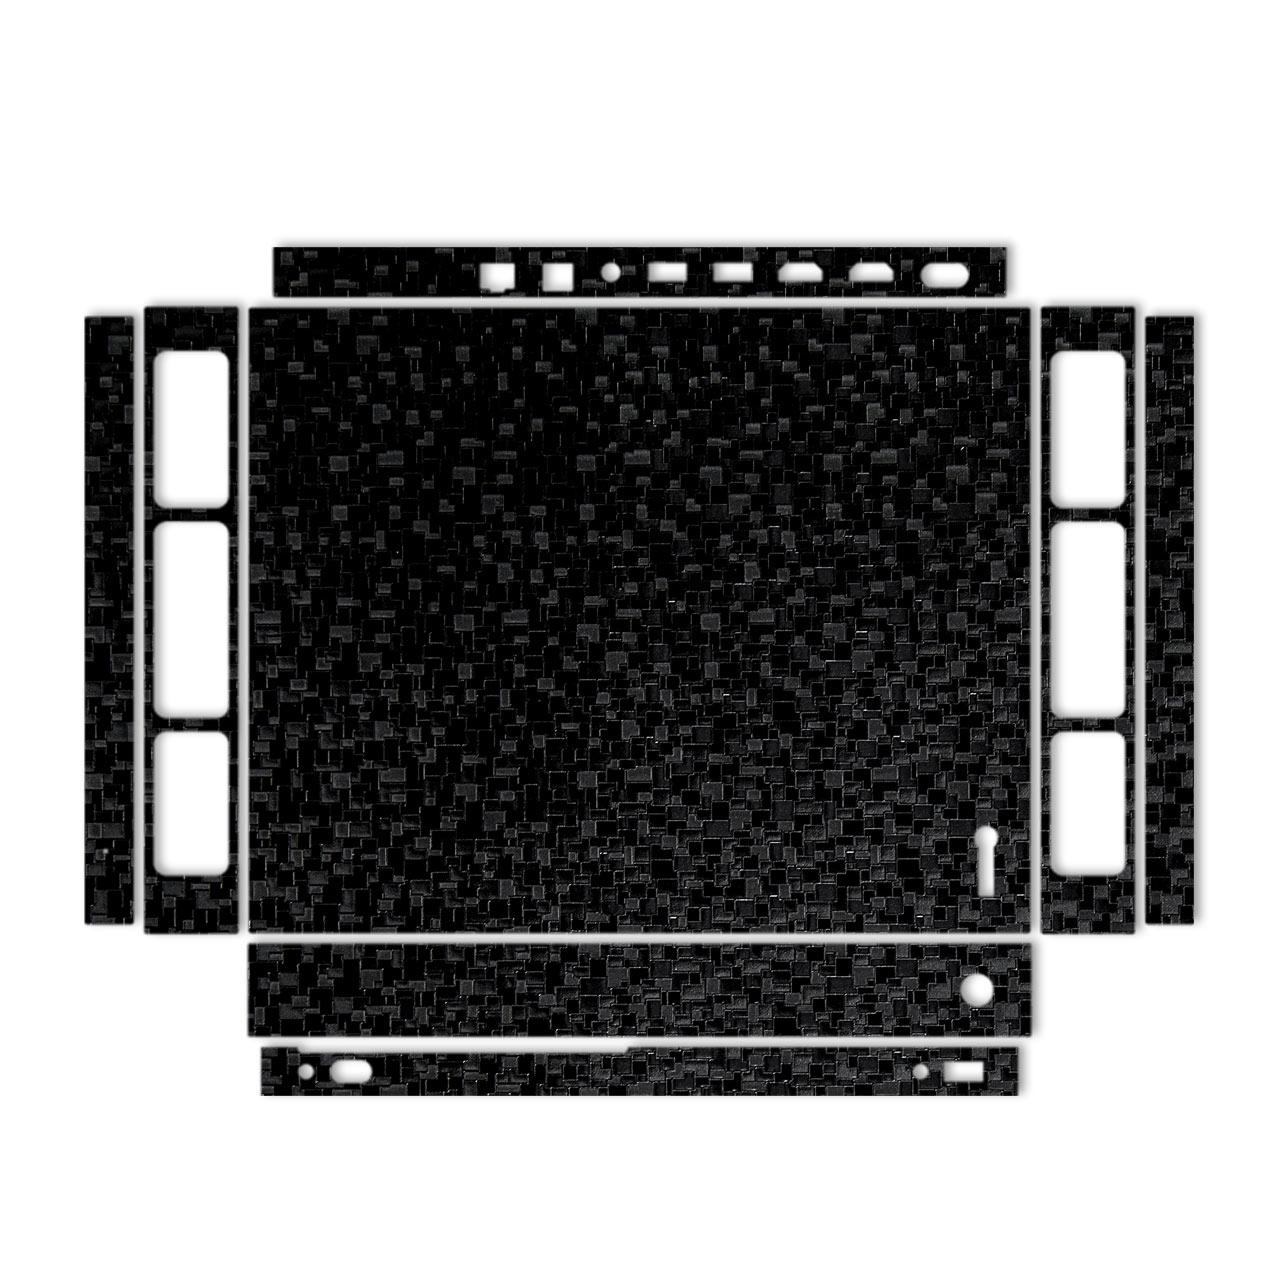 برچسب پوششی مدل Black Silicon Texture مناسب کنسول بازی Xbox One X